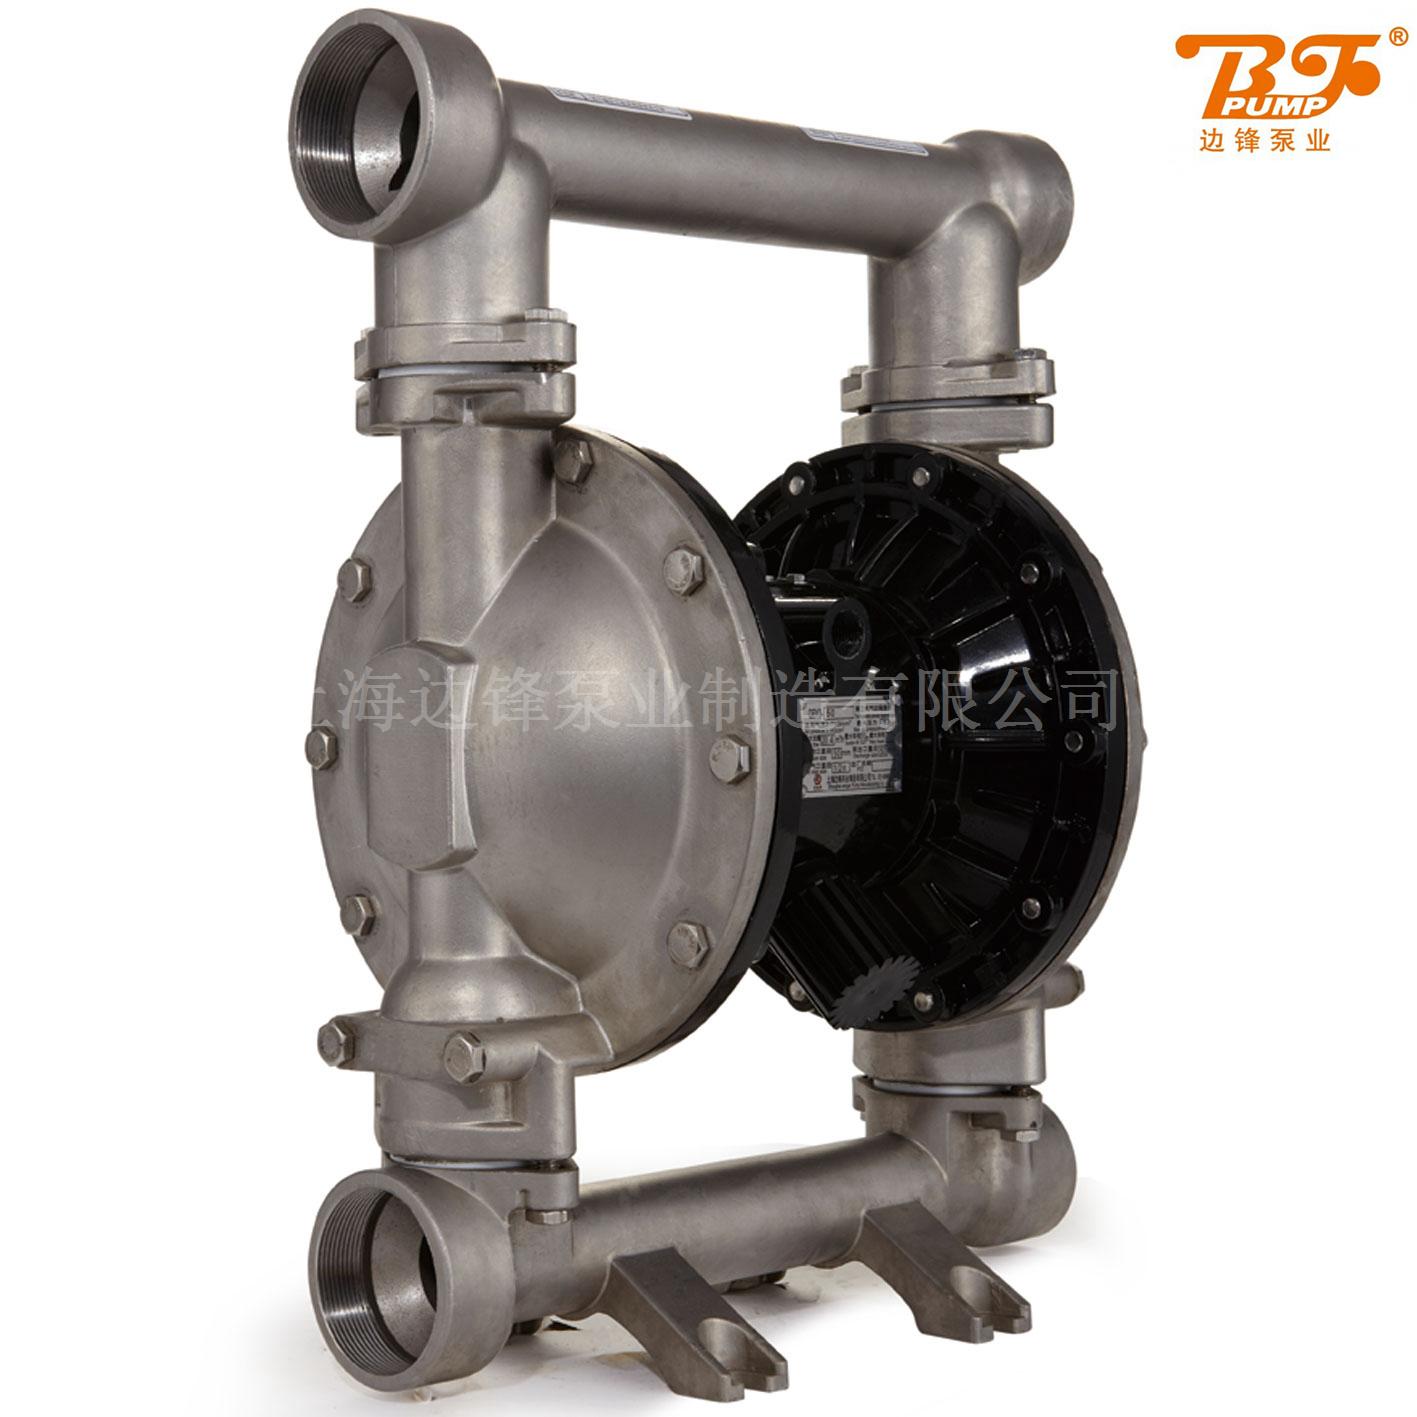 边锋固德牌不锈钢50气动隔膜泵 边锋固德牌不锈钢两寸气动隔膜泵